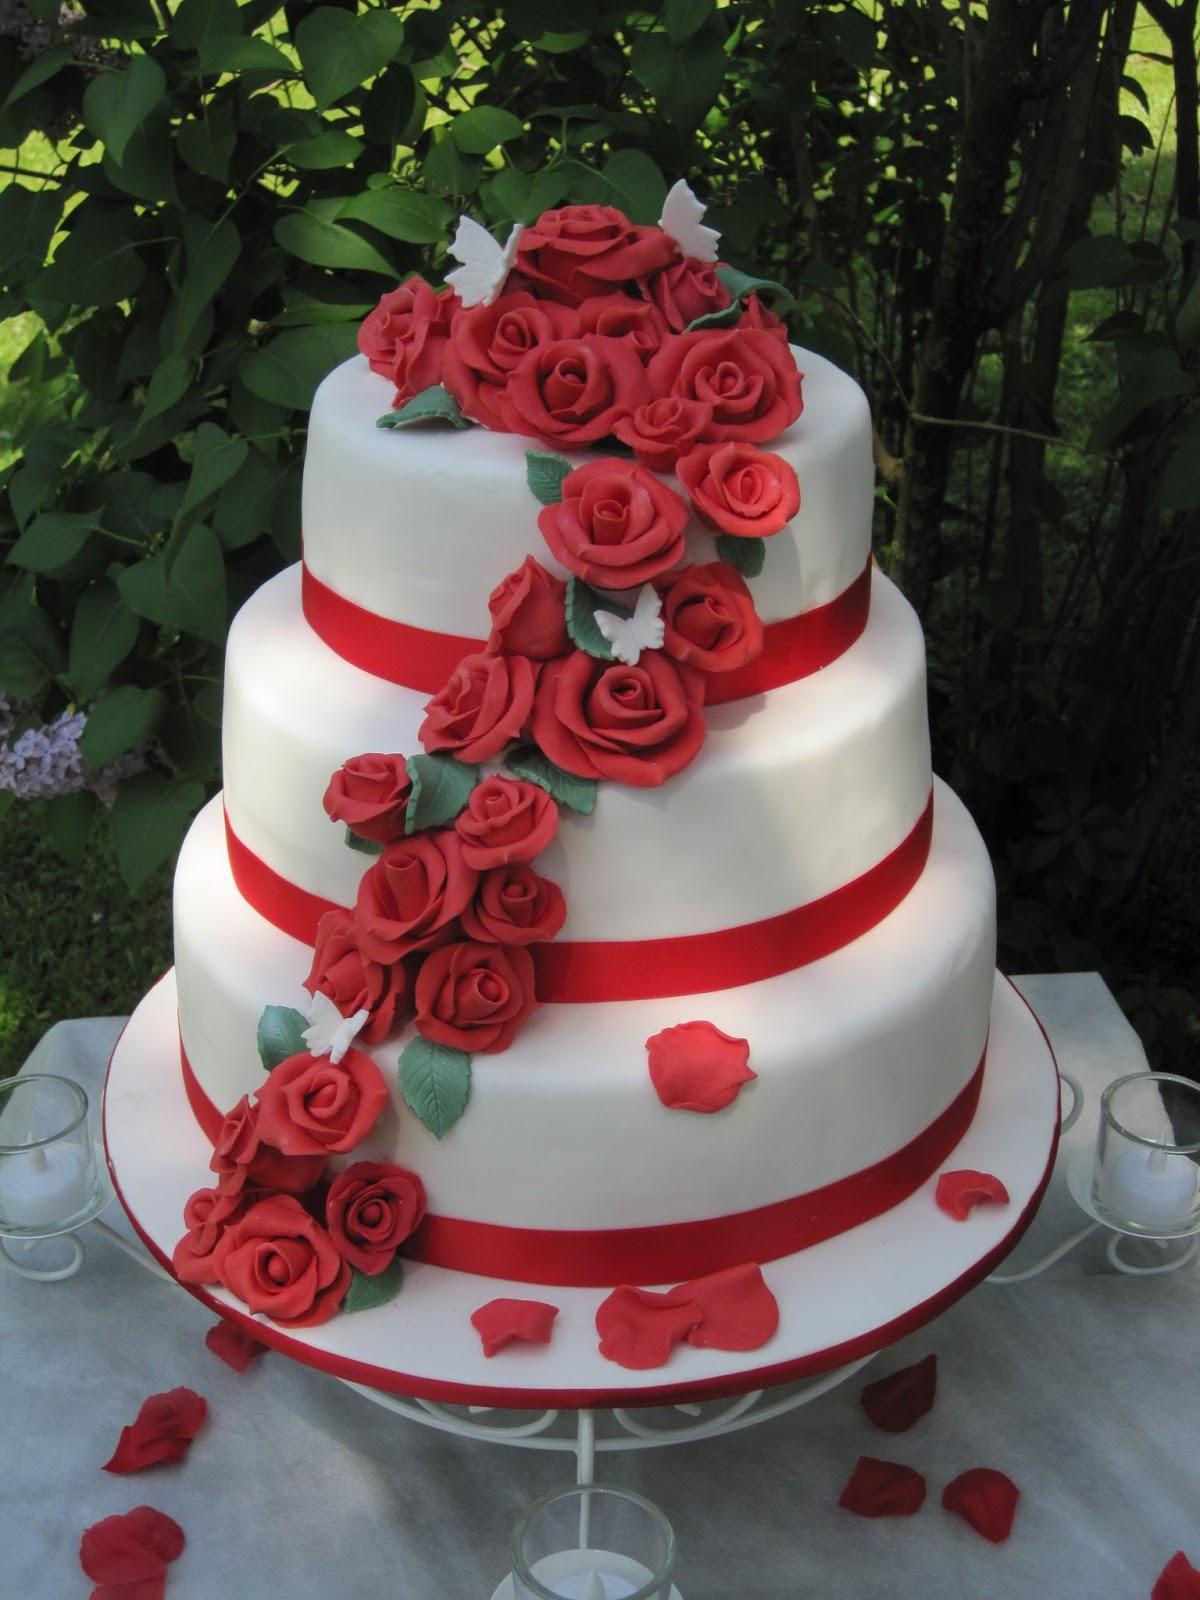 Giugno 2014 - SPOSI: Come scegliere la torta nuziale?